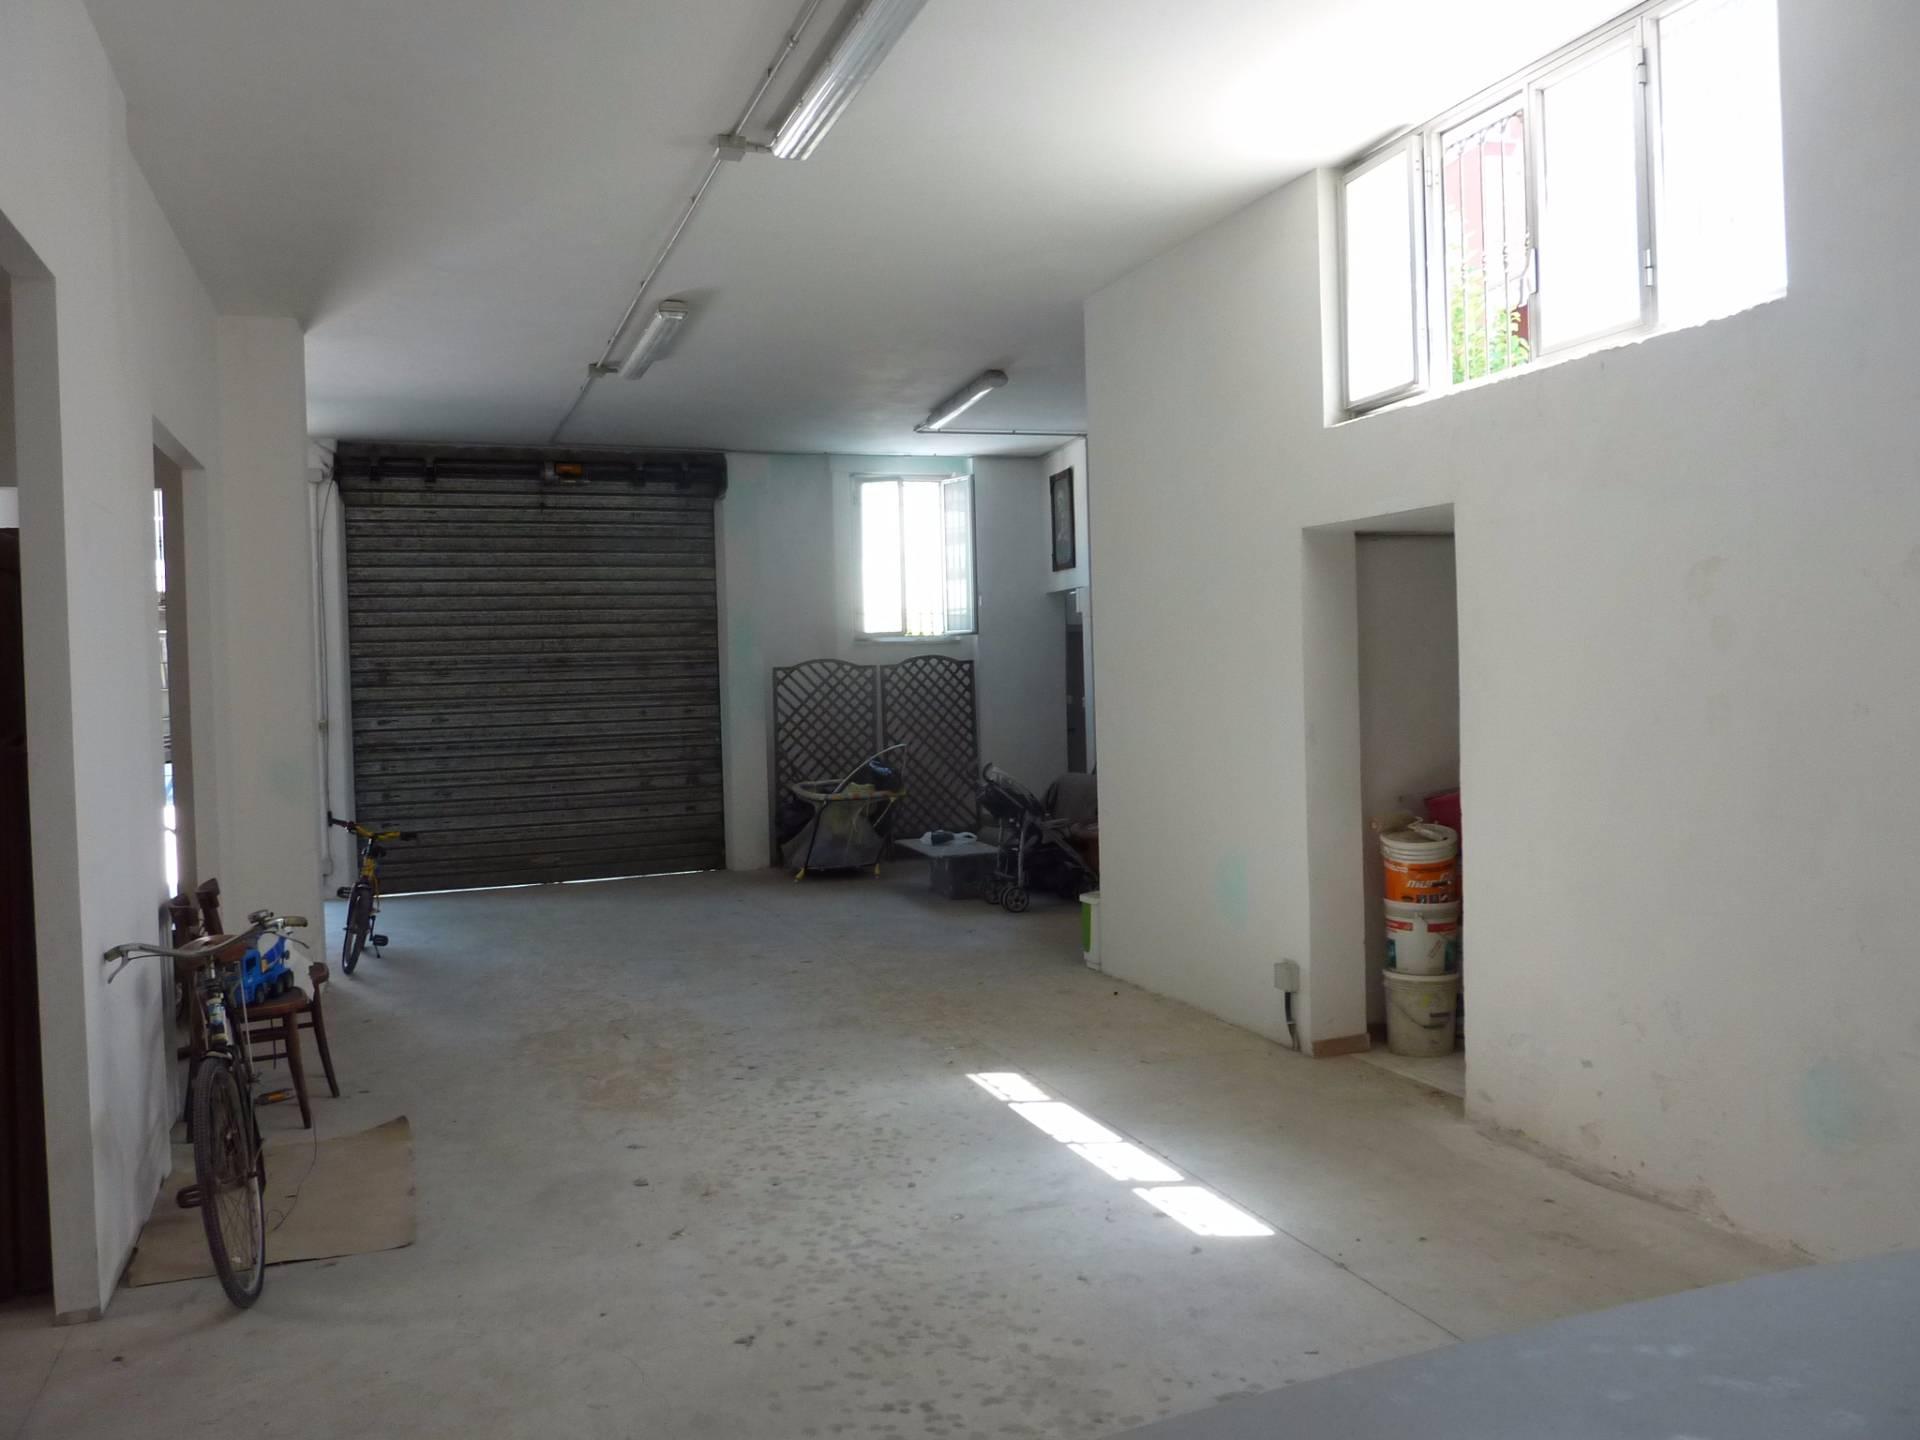 Laboratorio in affitto a San Benedetto del Tronto, 9999 locali, zona Località: PortodAscoli, prezzo € 600 | Cambio Casa.it